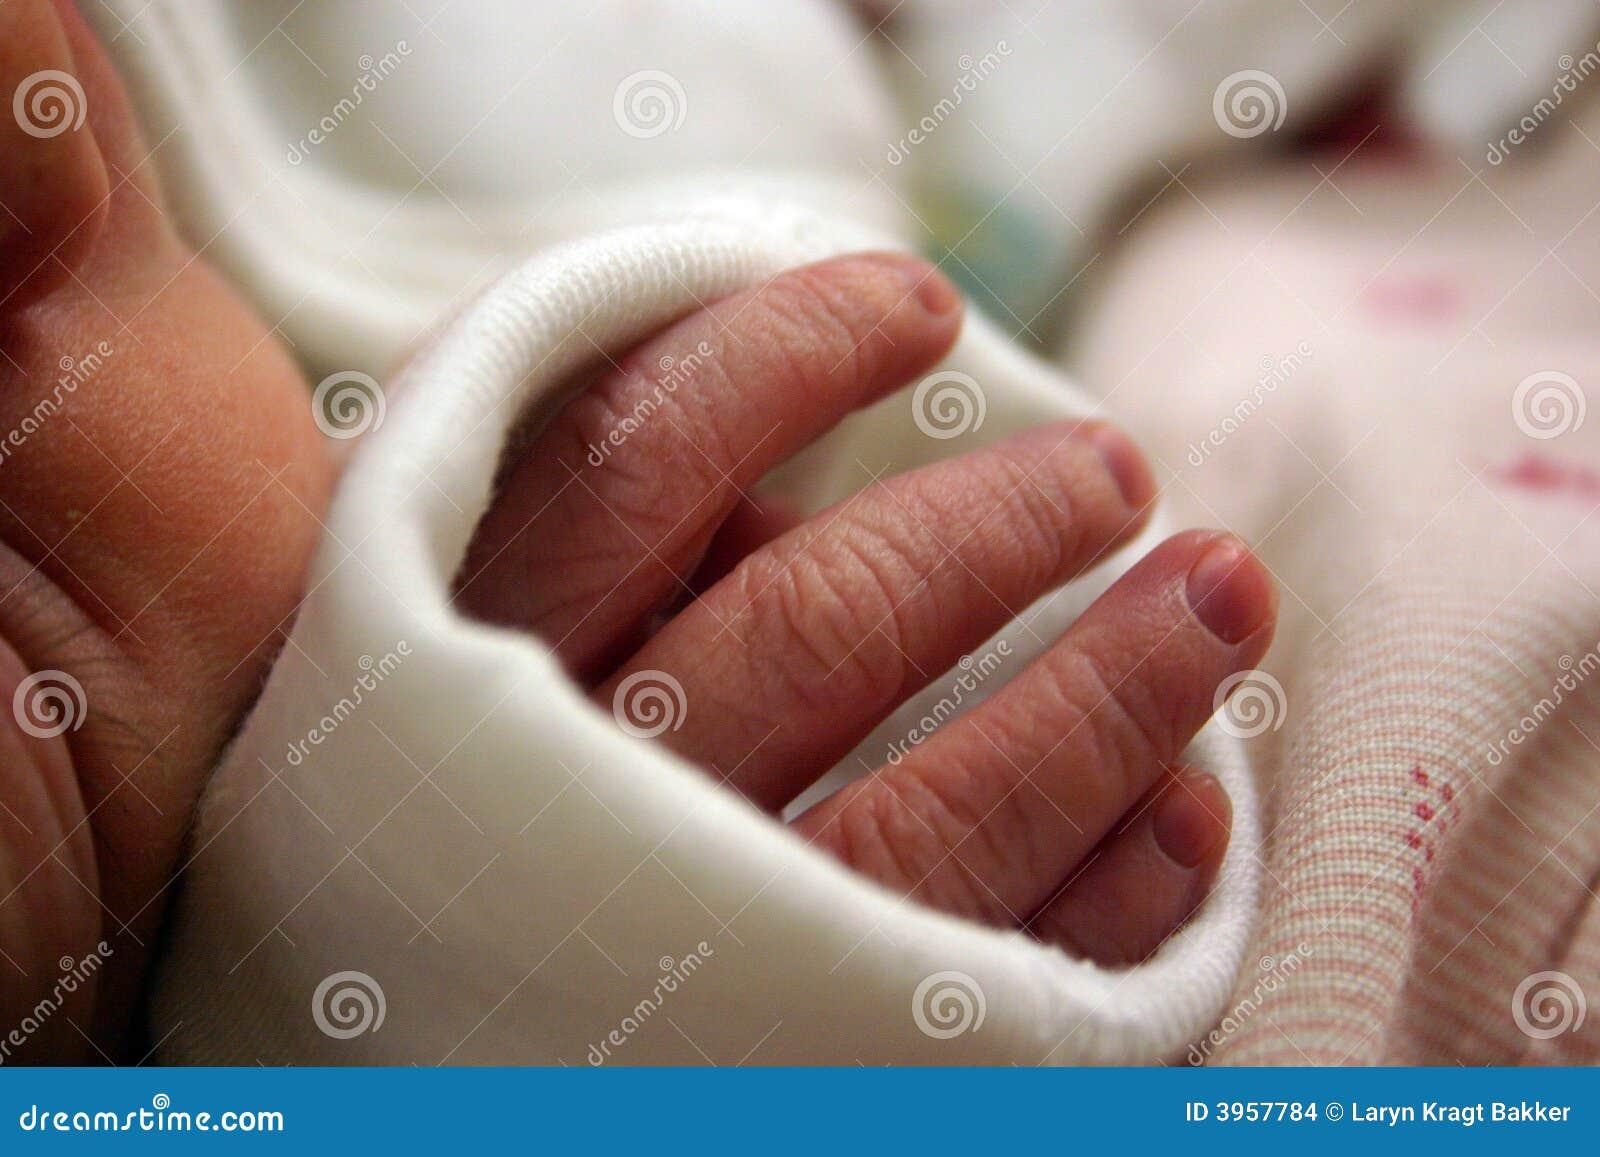 Newborn baby fingers stock photo. Image of hand, newborn ...